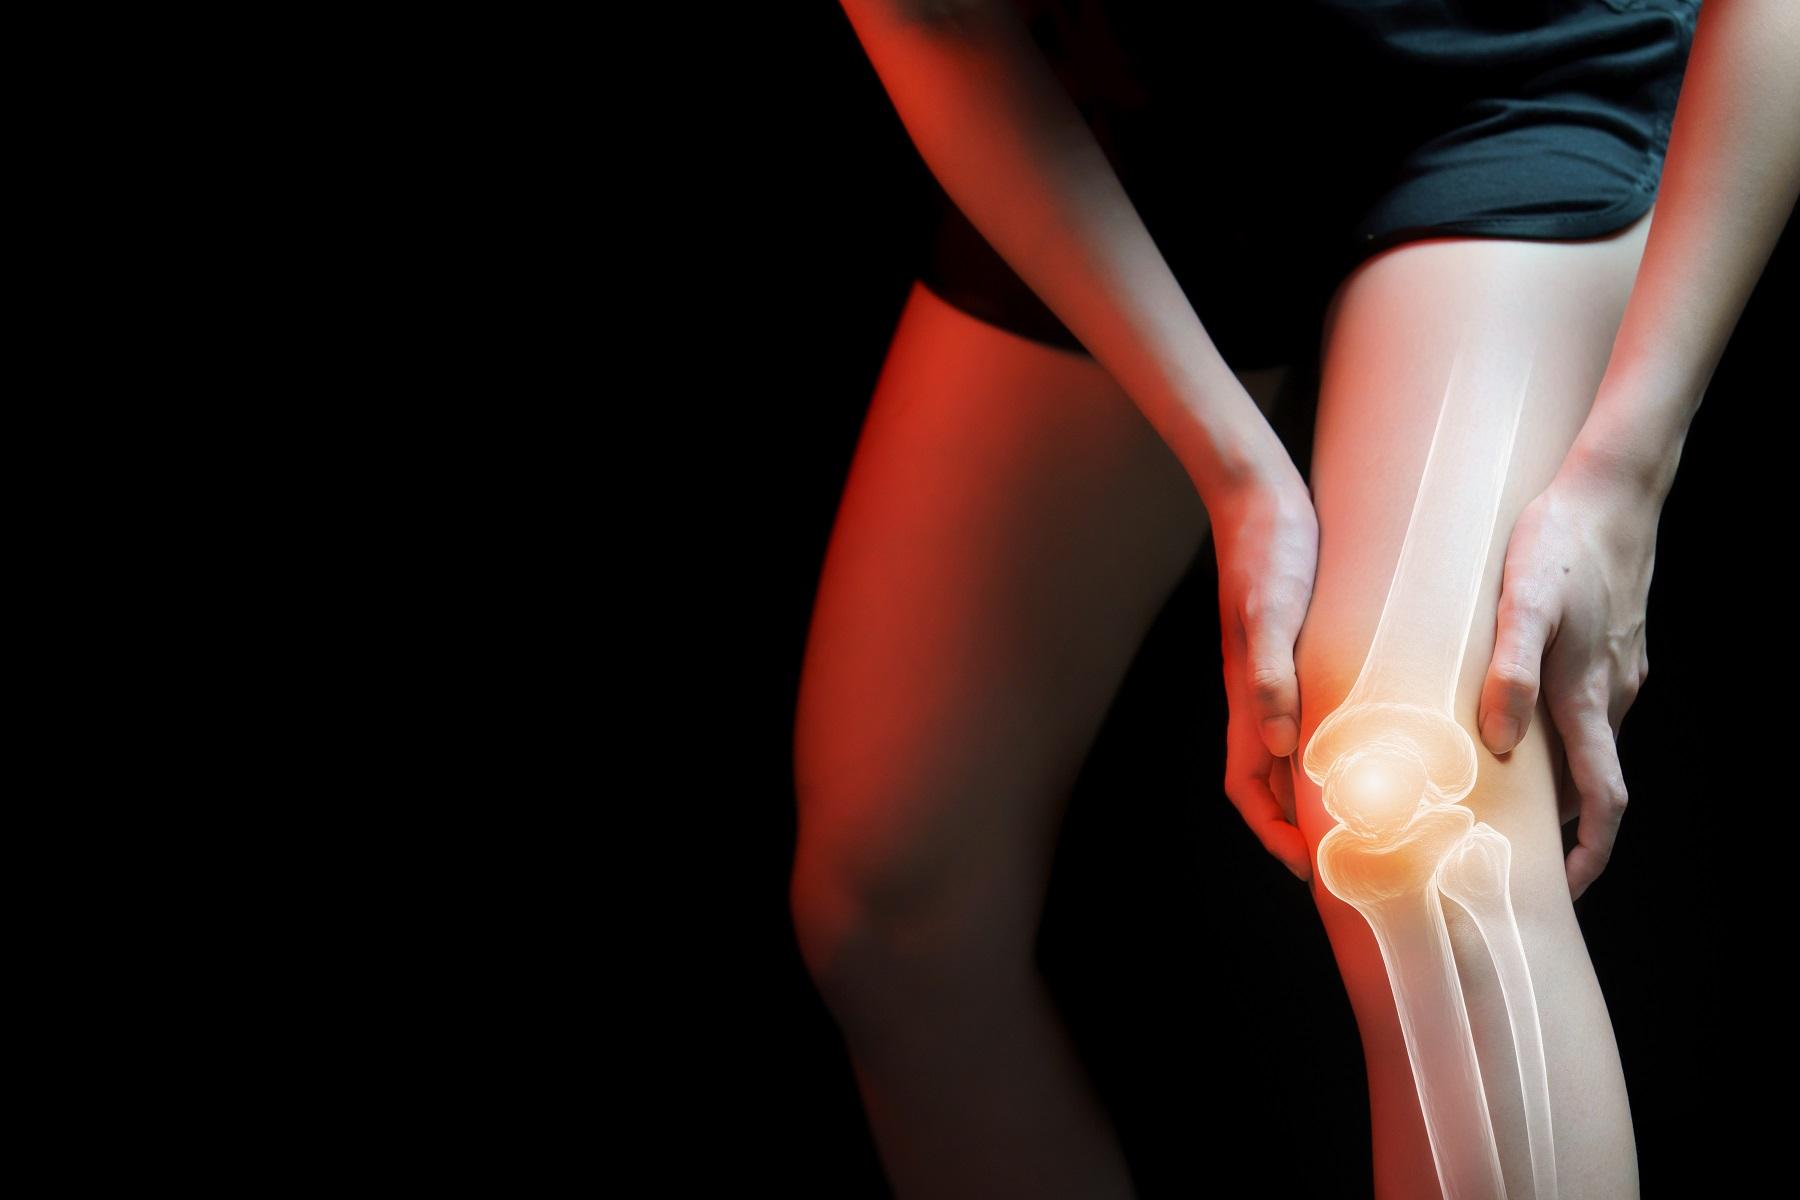 ízületi fájdalom az edzésből